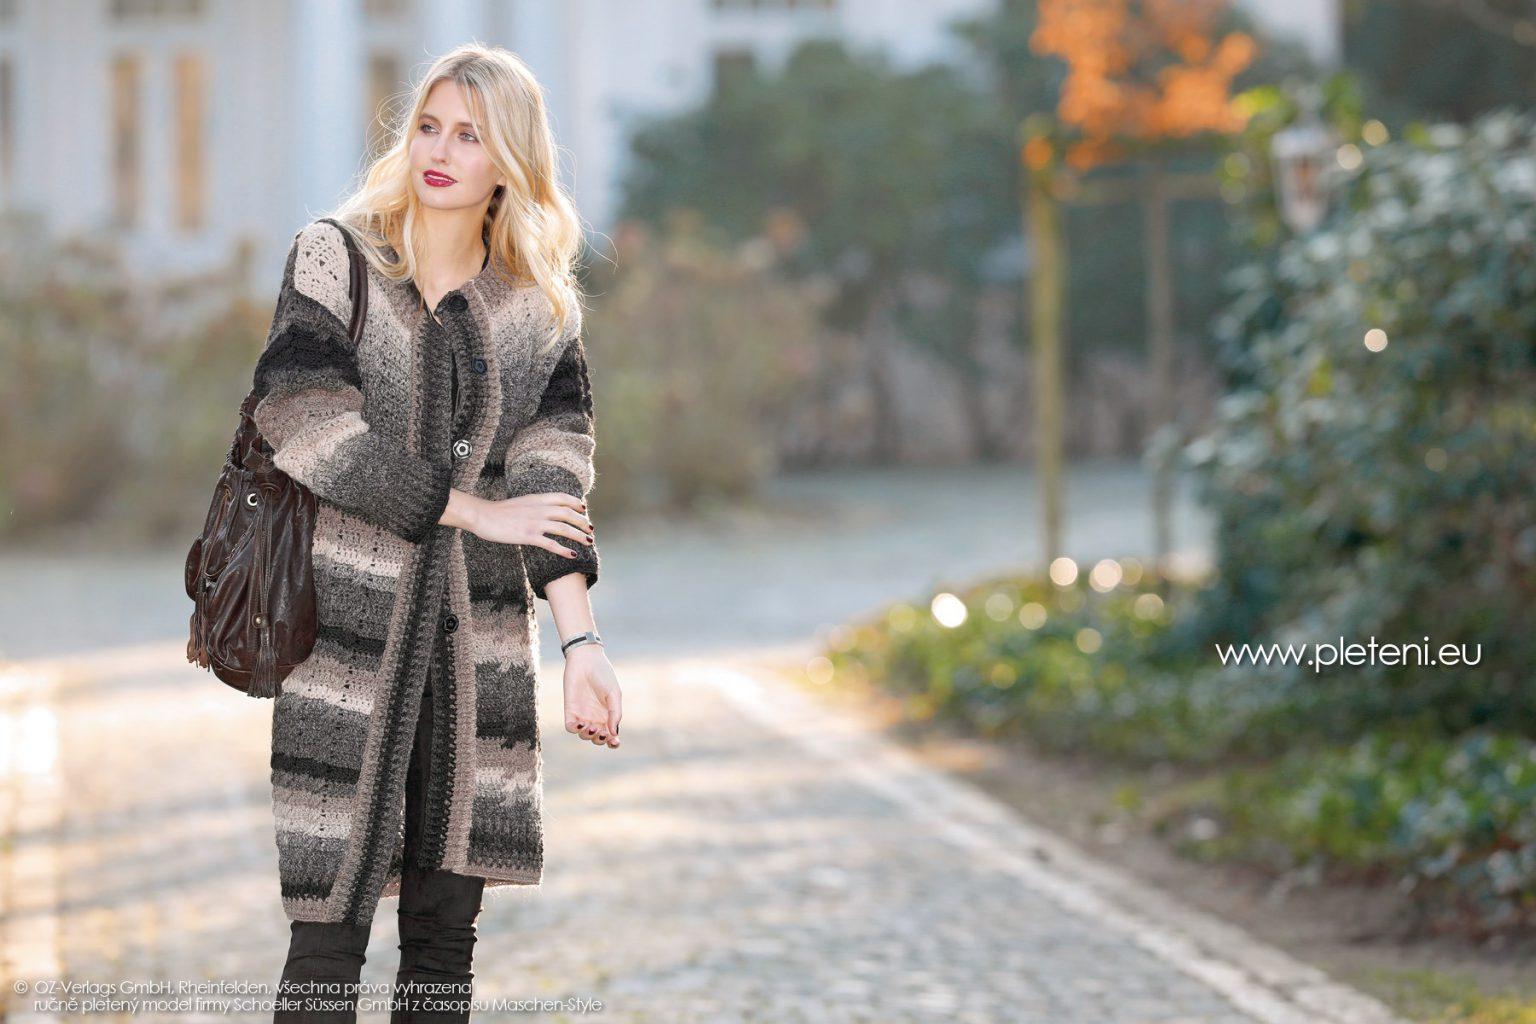 2018-Z-24 dámský háčkovaný kabát z příze Chic & Warm firmy Schoeller